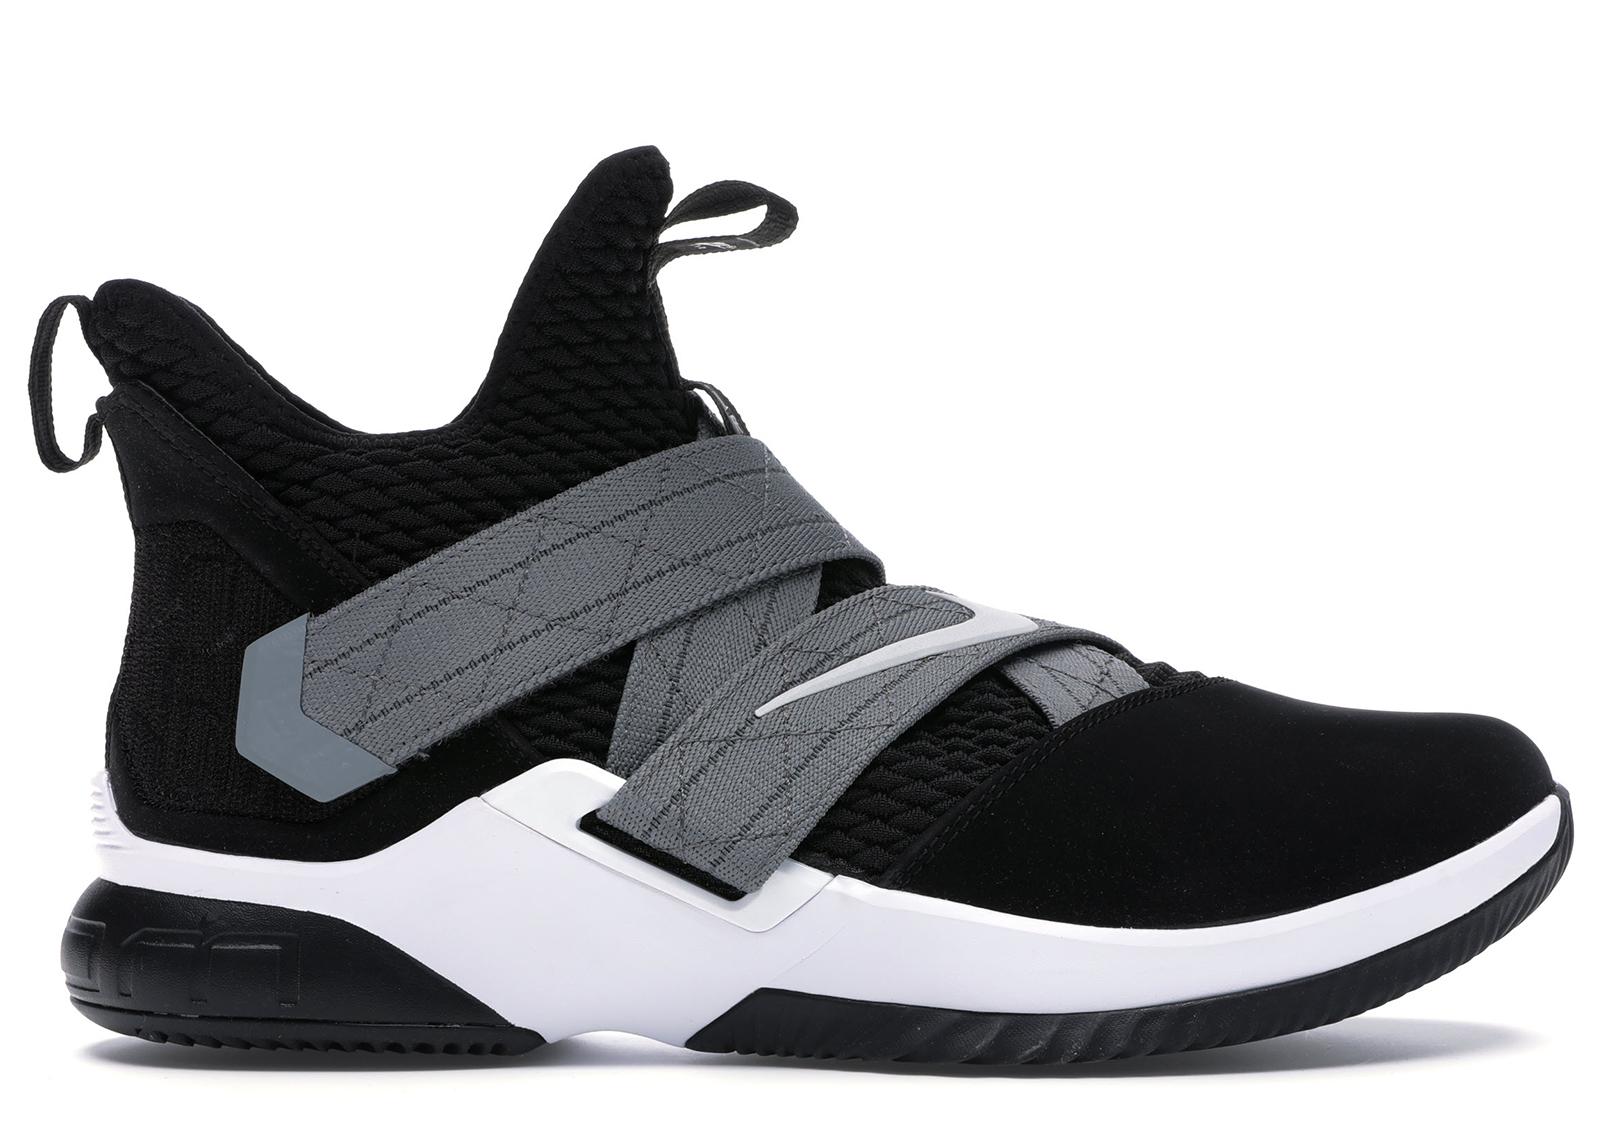 Nike LeBron Zoom Soldier 12 Air Raid